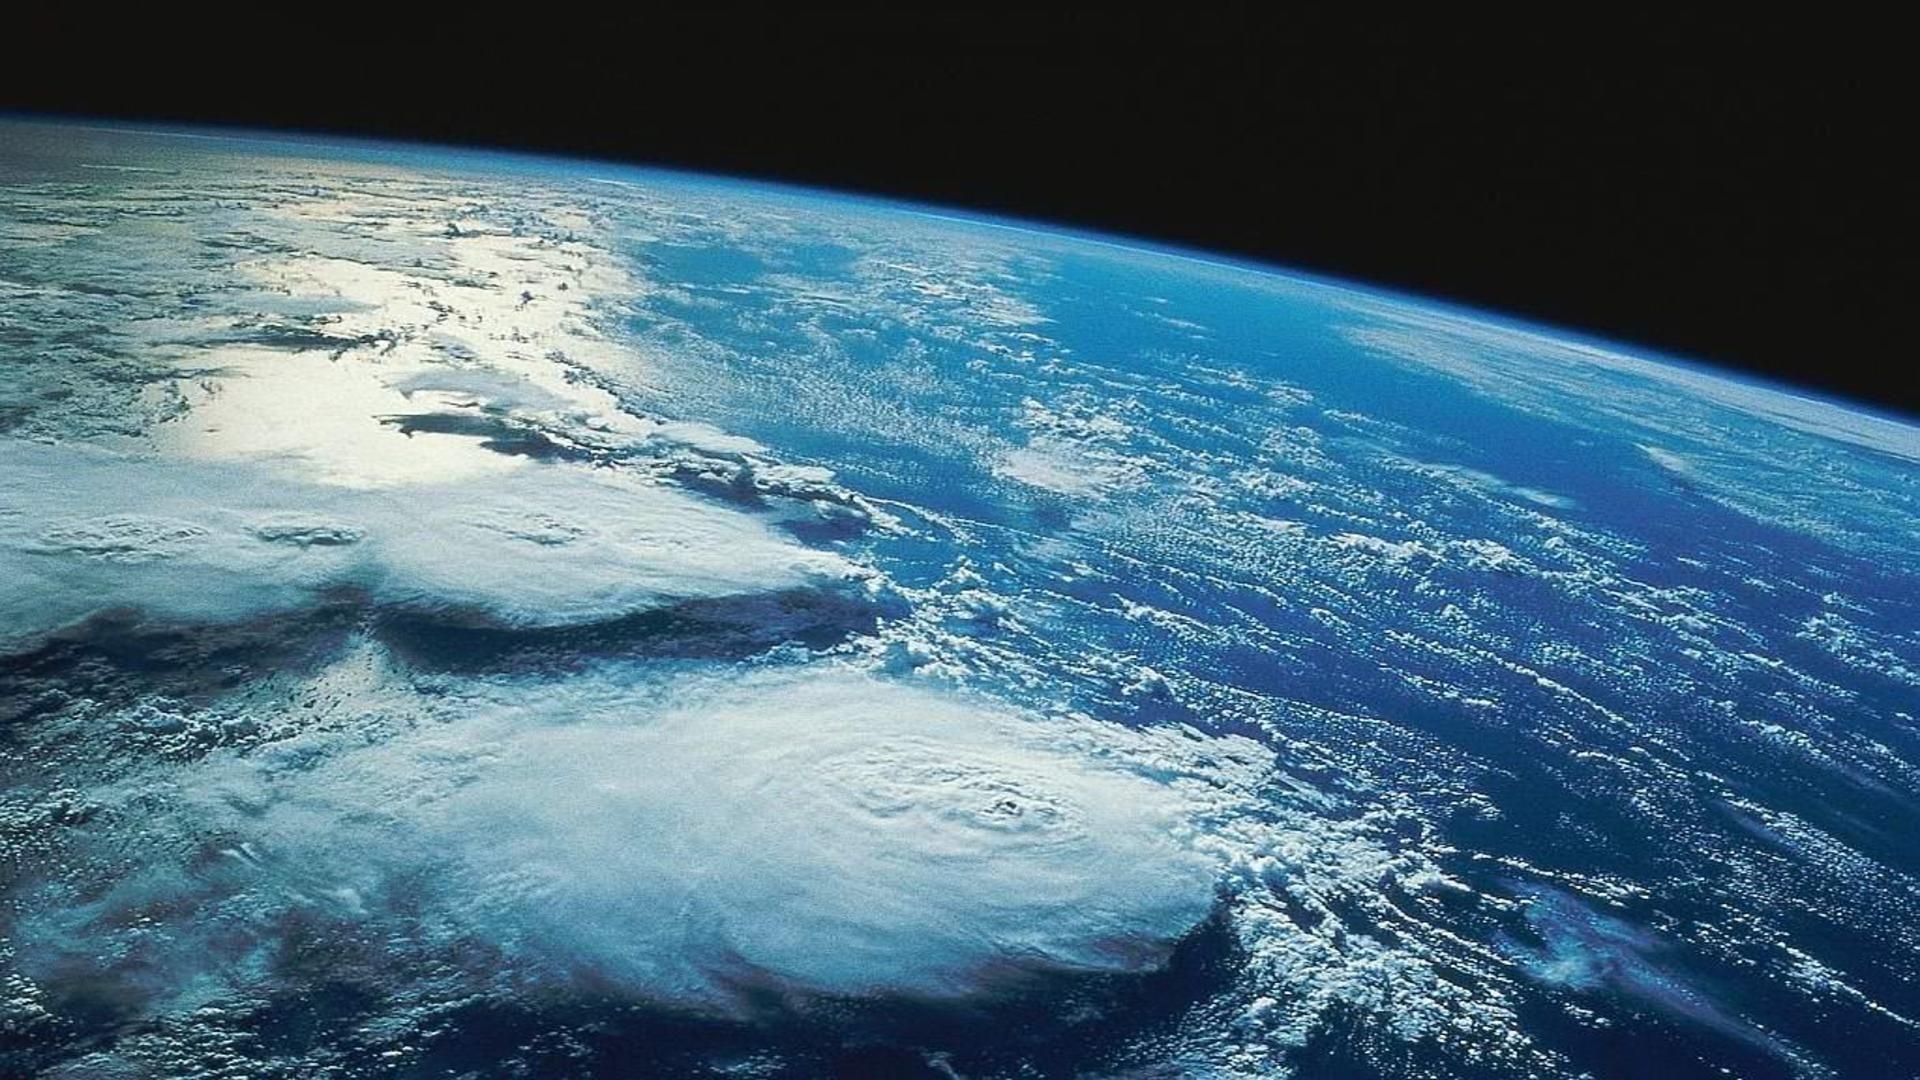 Вкосмос запустят целую серию малых спутников для помощи сельскому хозяйству— Ученые